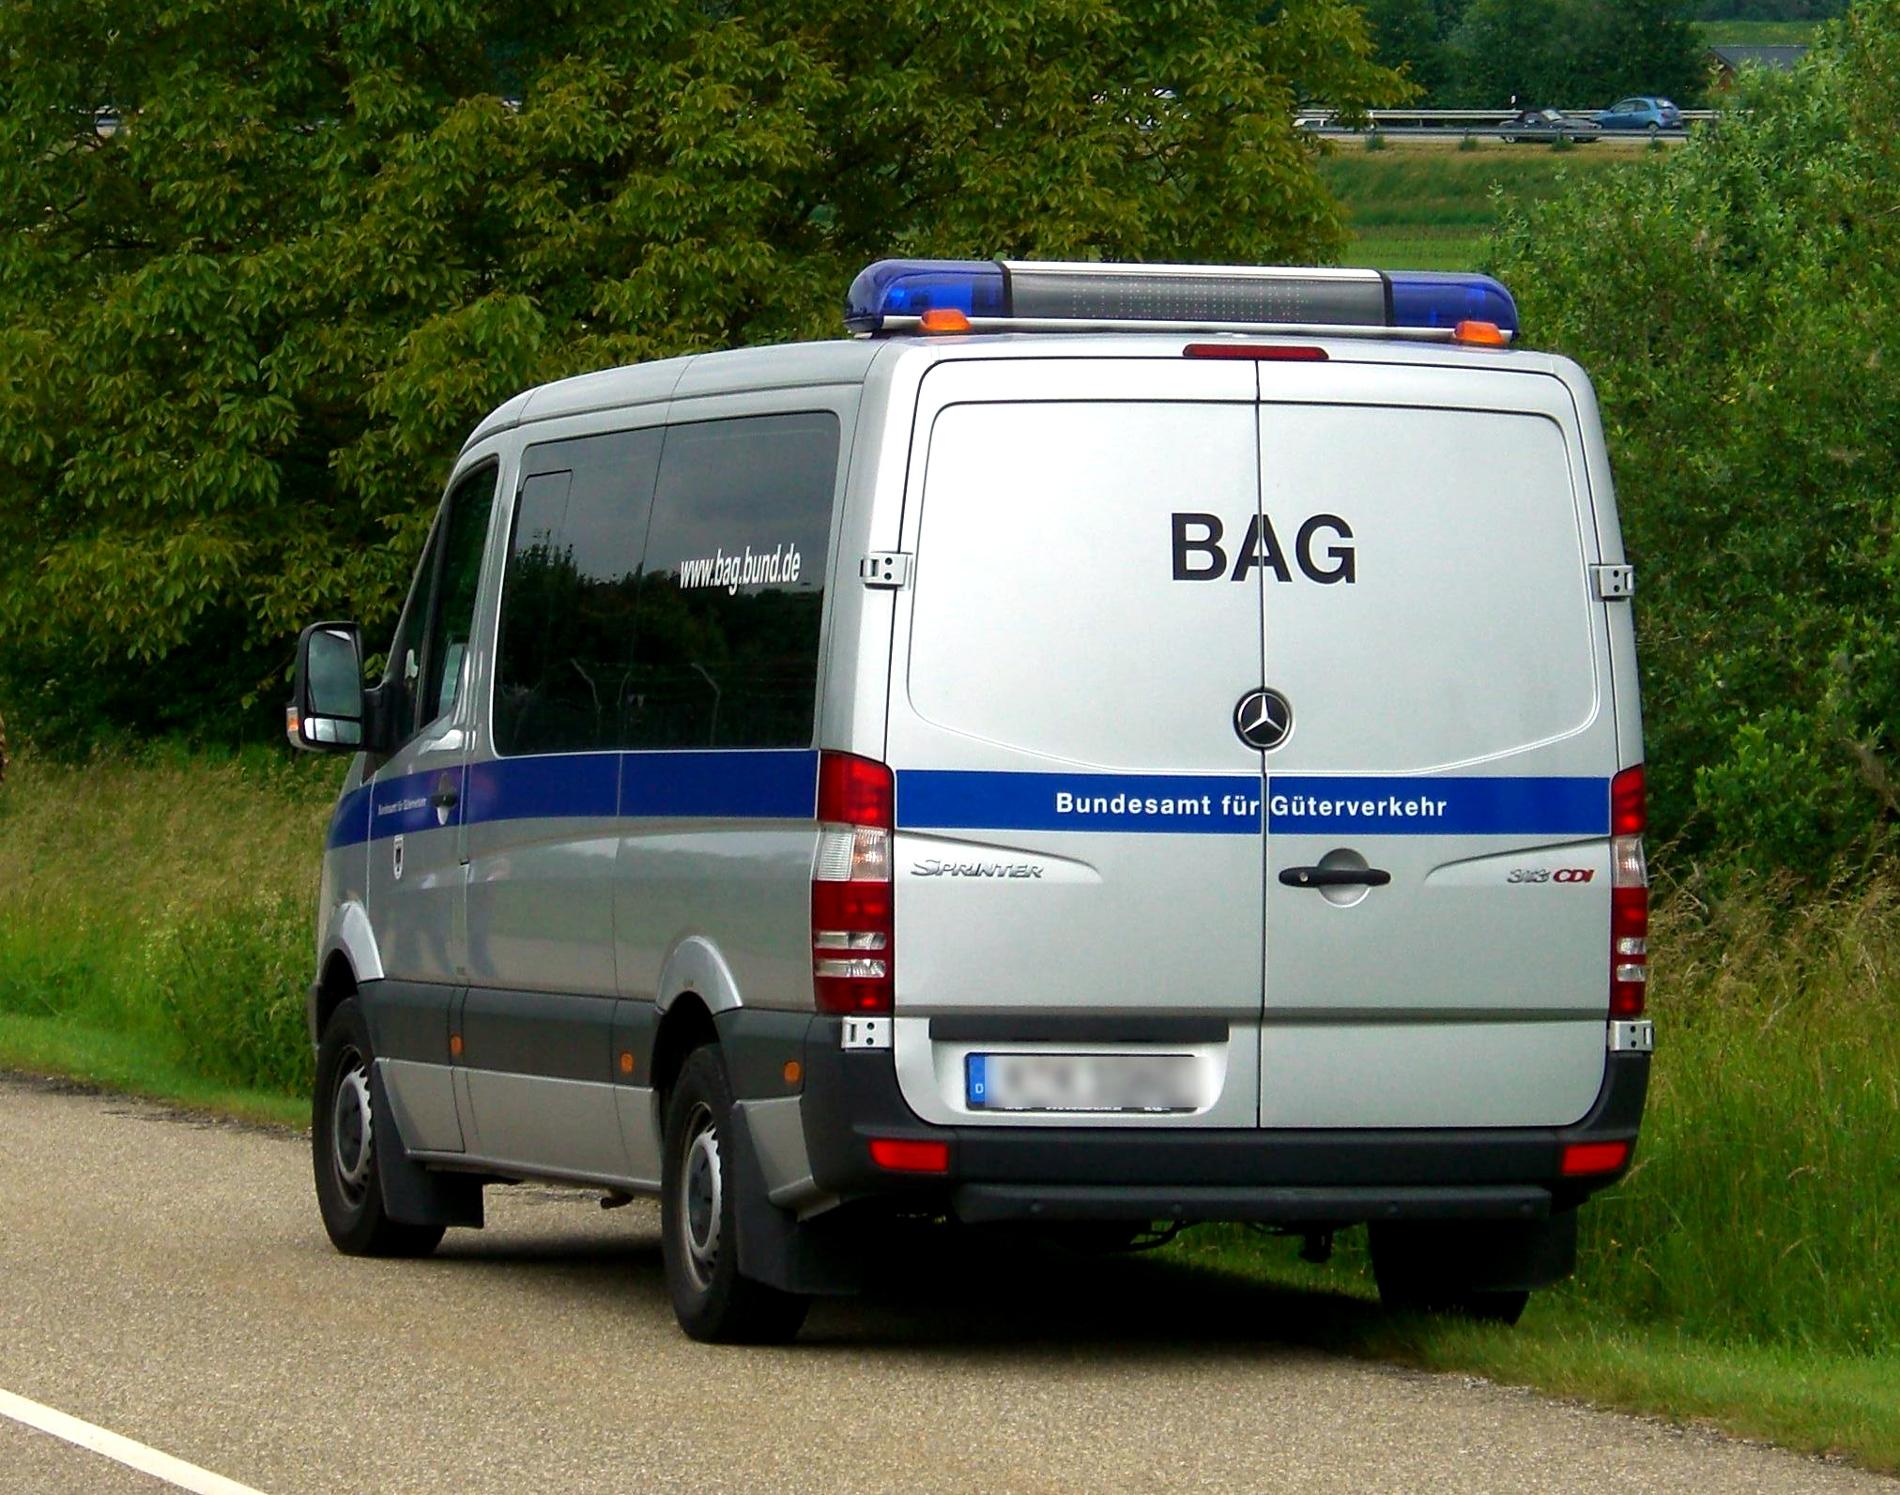 BAG снова уступает. Водители, не имеющие действительной квалификации, не будут наказаны